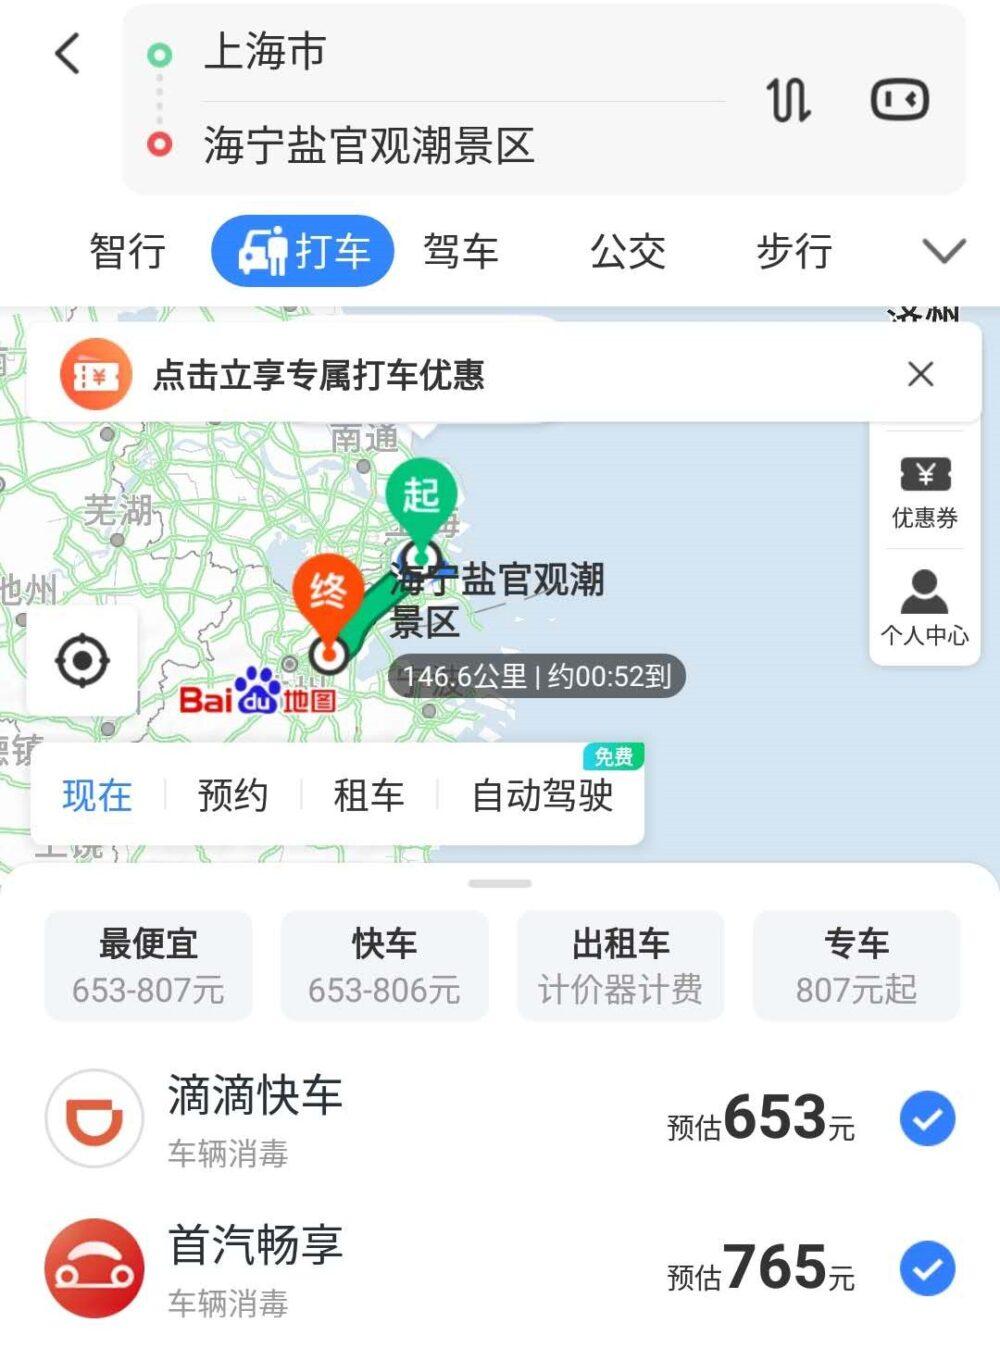 上海市内から塩官観潮公園までタクシーを利用した場合の片道の値段700元を表示した写真